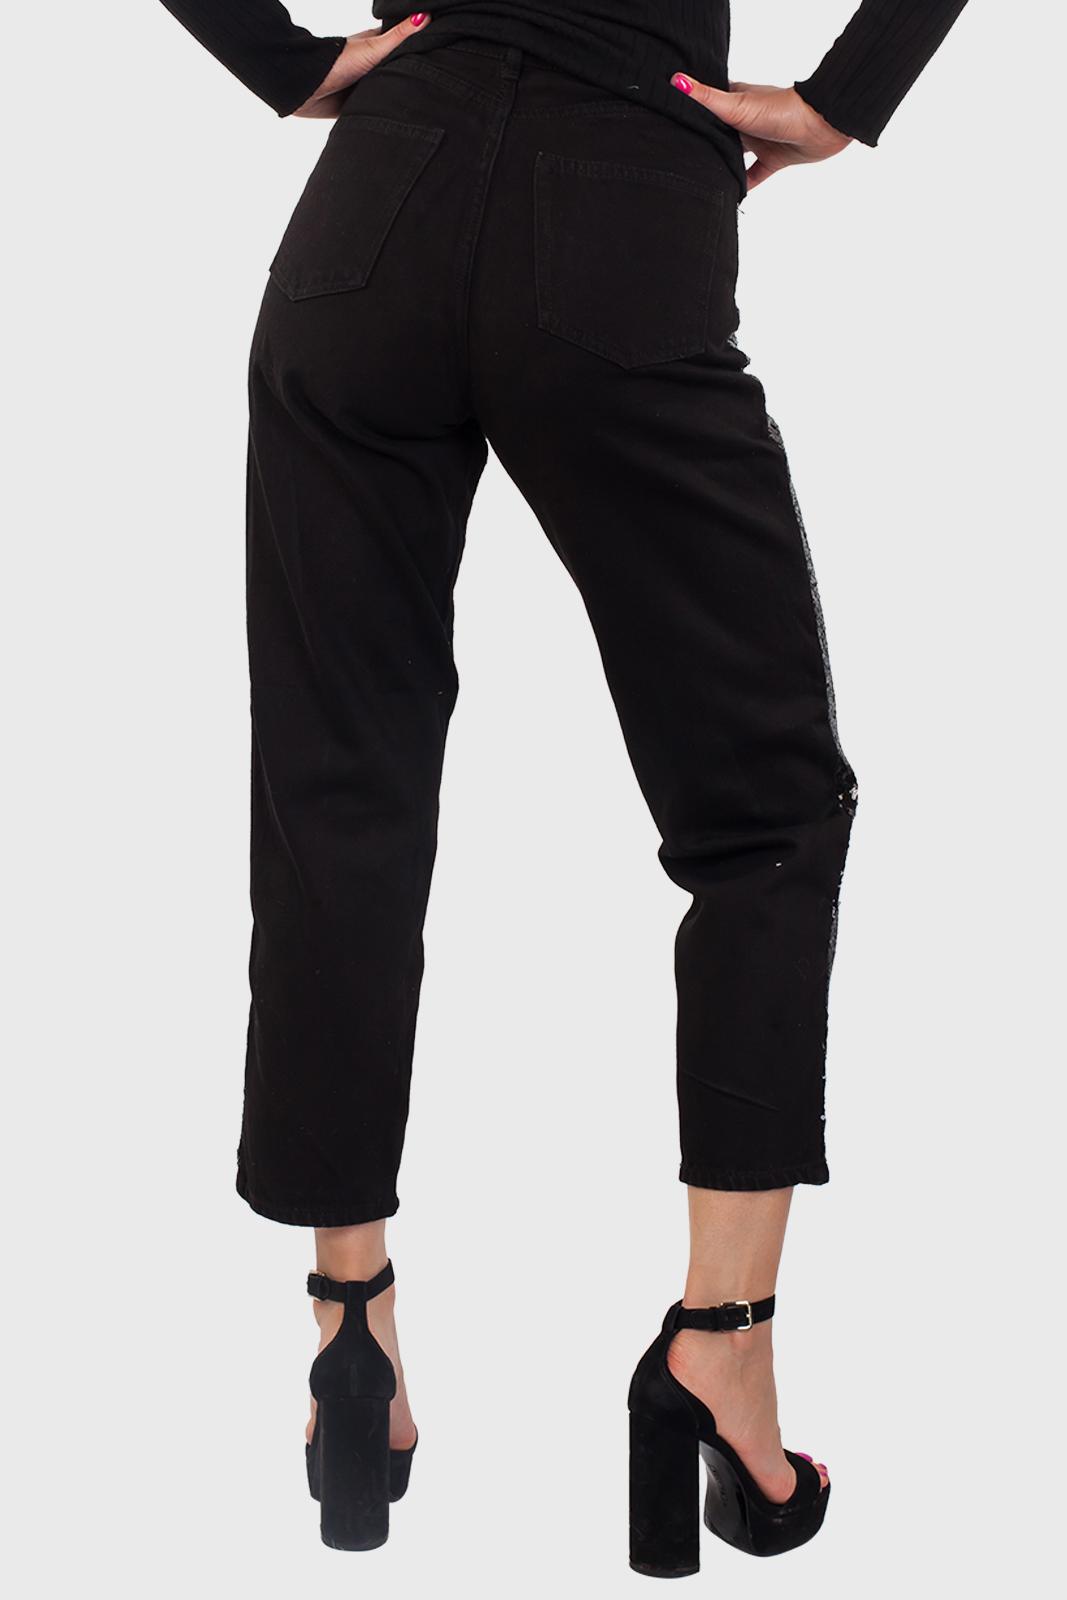 Черные женские брюки-джинсы от Monki (Швеция) оптом